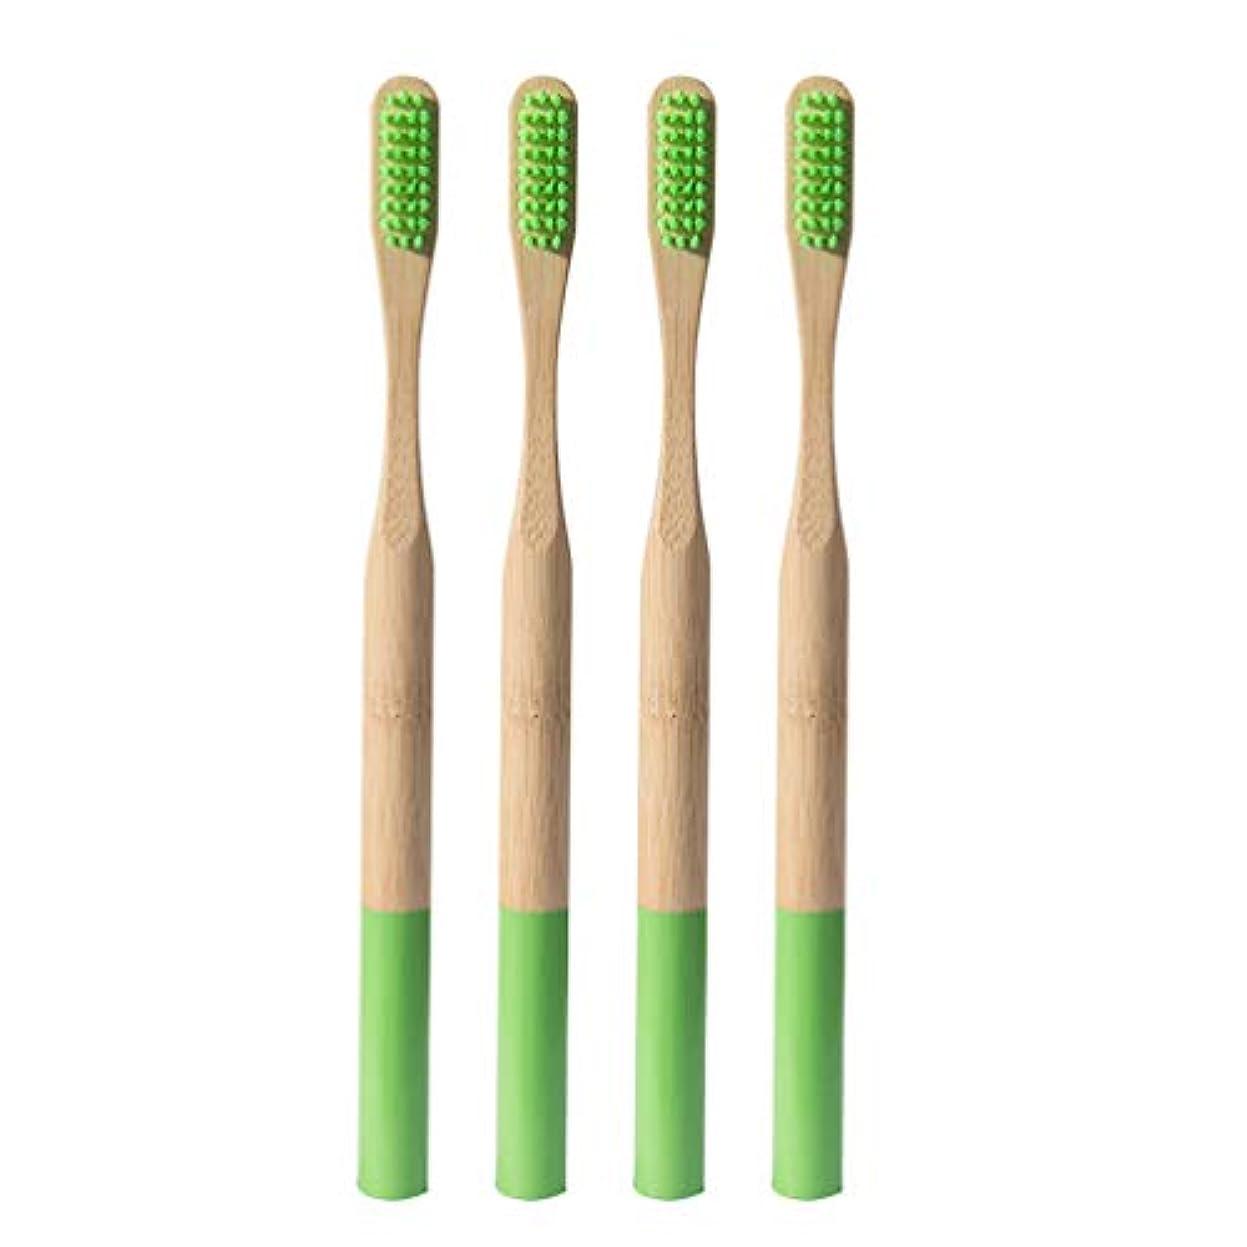 軽蔑するヒット思慮のないHeallily 竹歯ブラシ4ピースソフトブリスル歯ブラシ生分解性、環境に優しいソフト歯ブラシ、大人用の細い毛を備えた抗菌歯ブラシ(グラスグリーン)